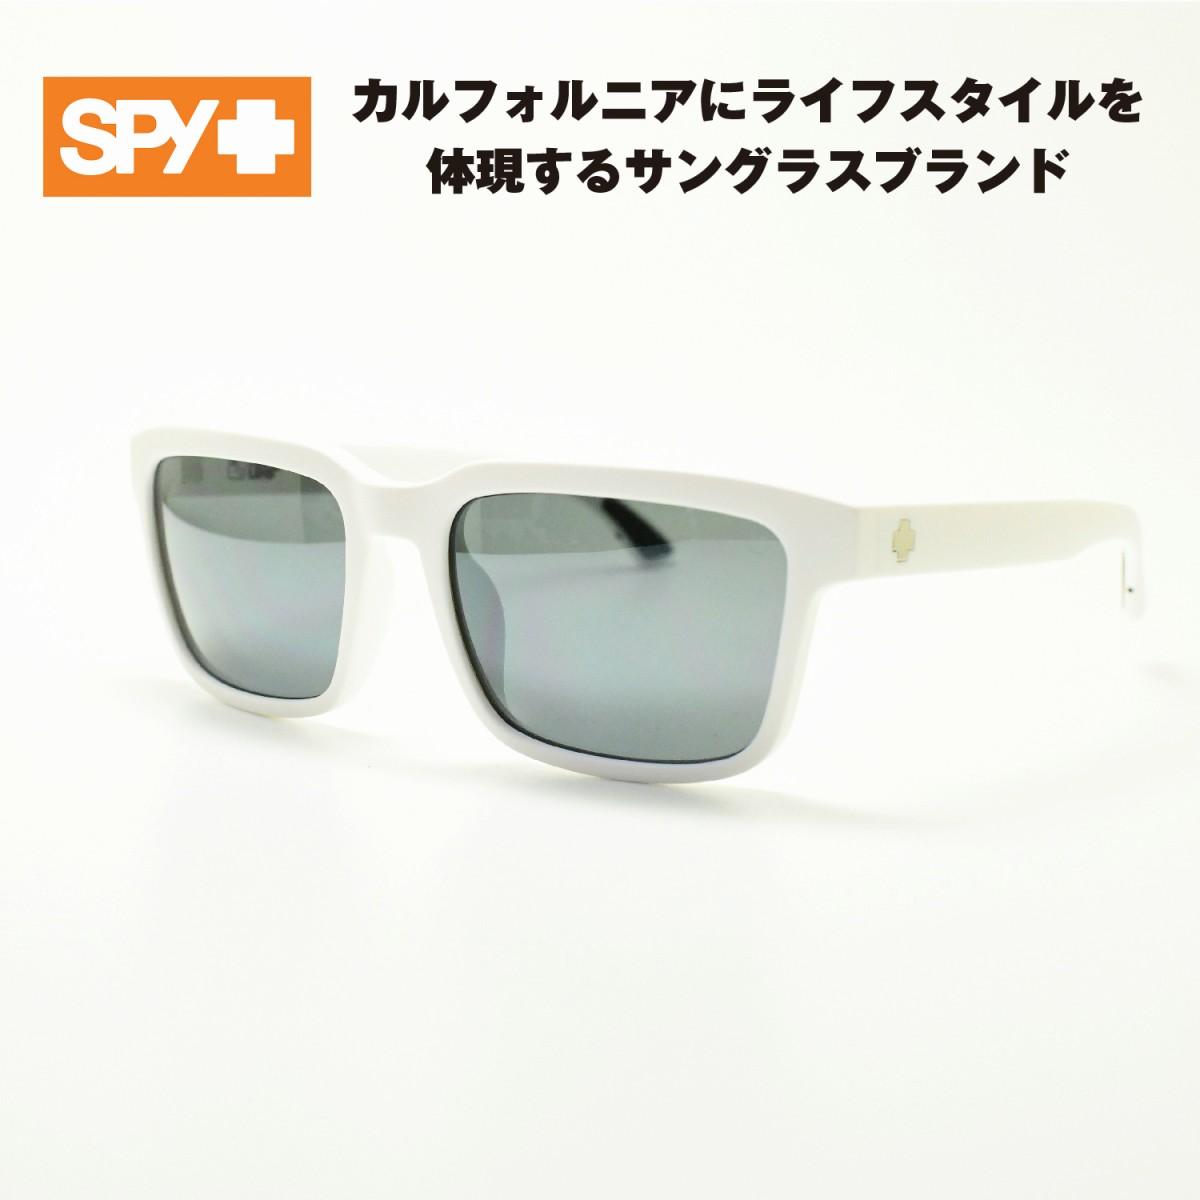 SPY スパイHELM2 ヘルム2(マットホワイト/グレーグリーン シルバーミラー)